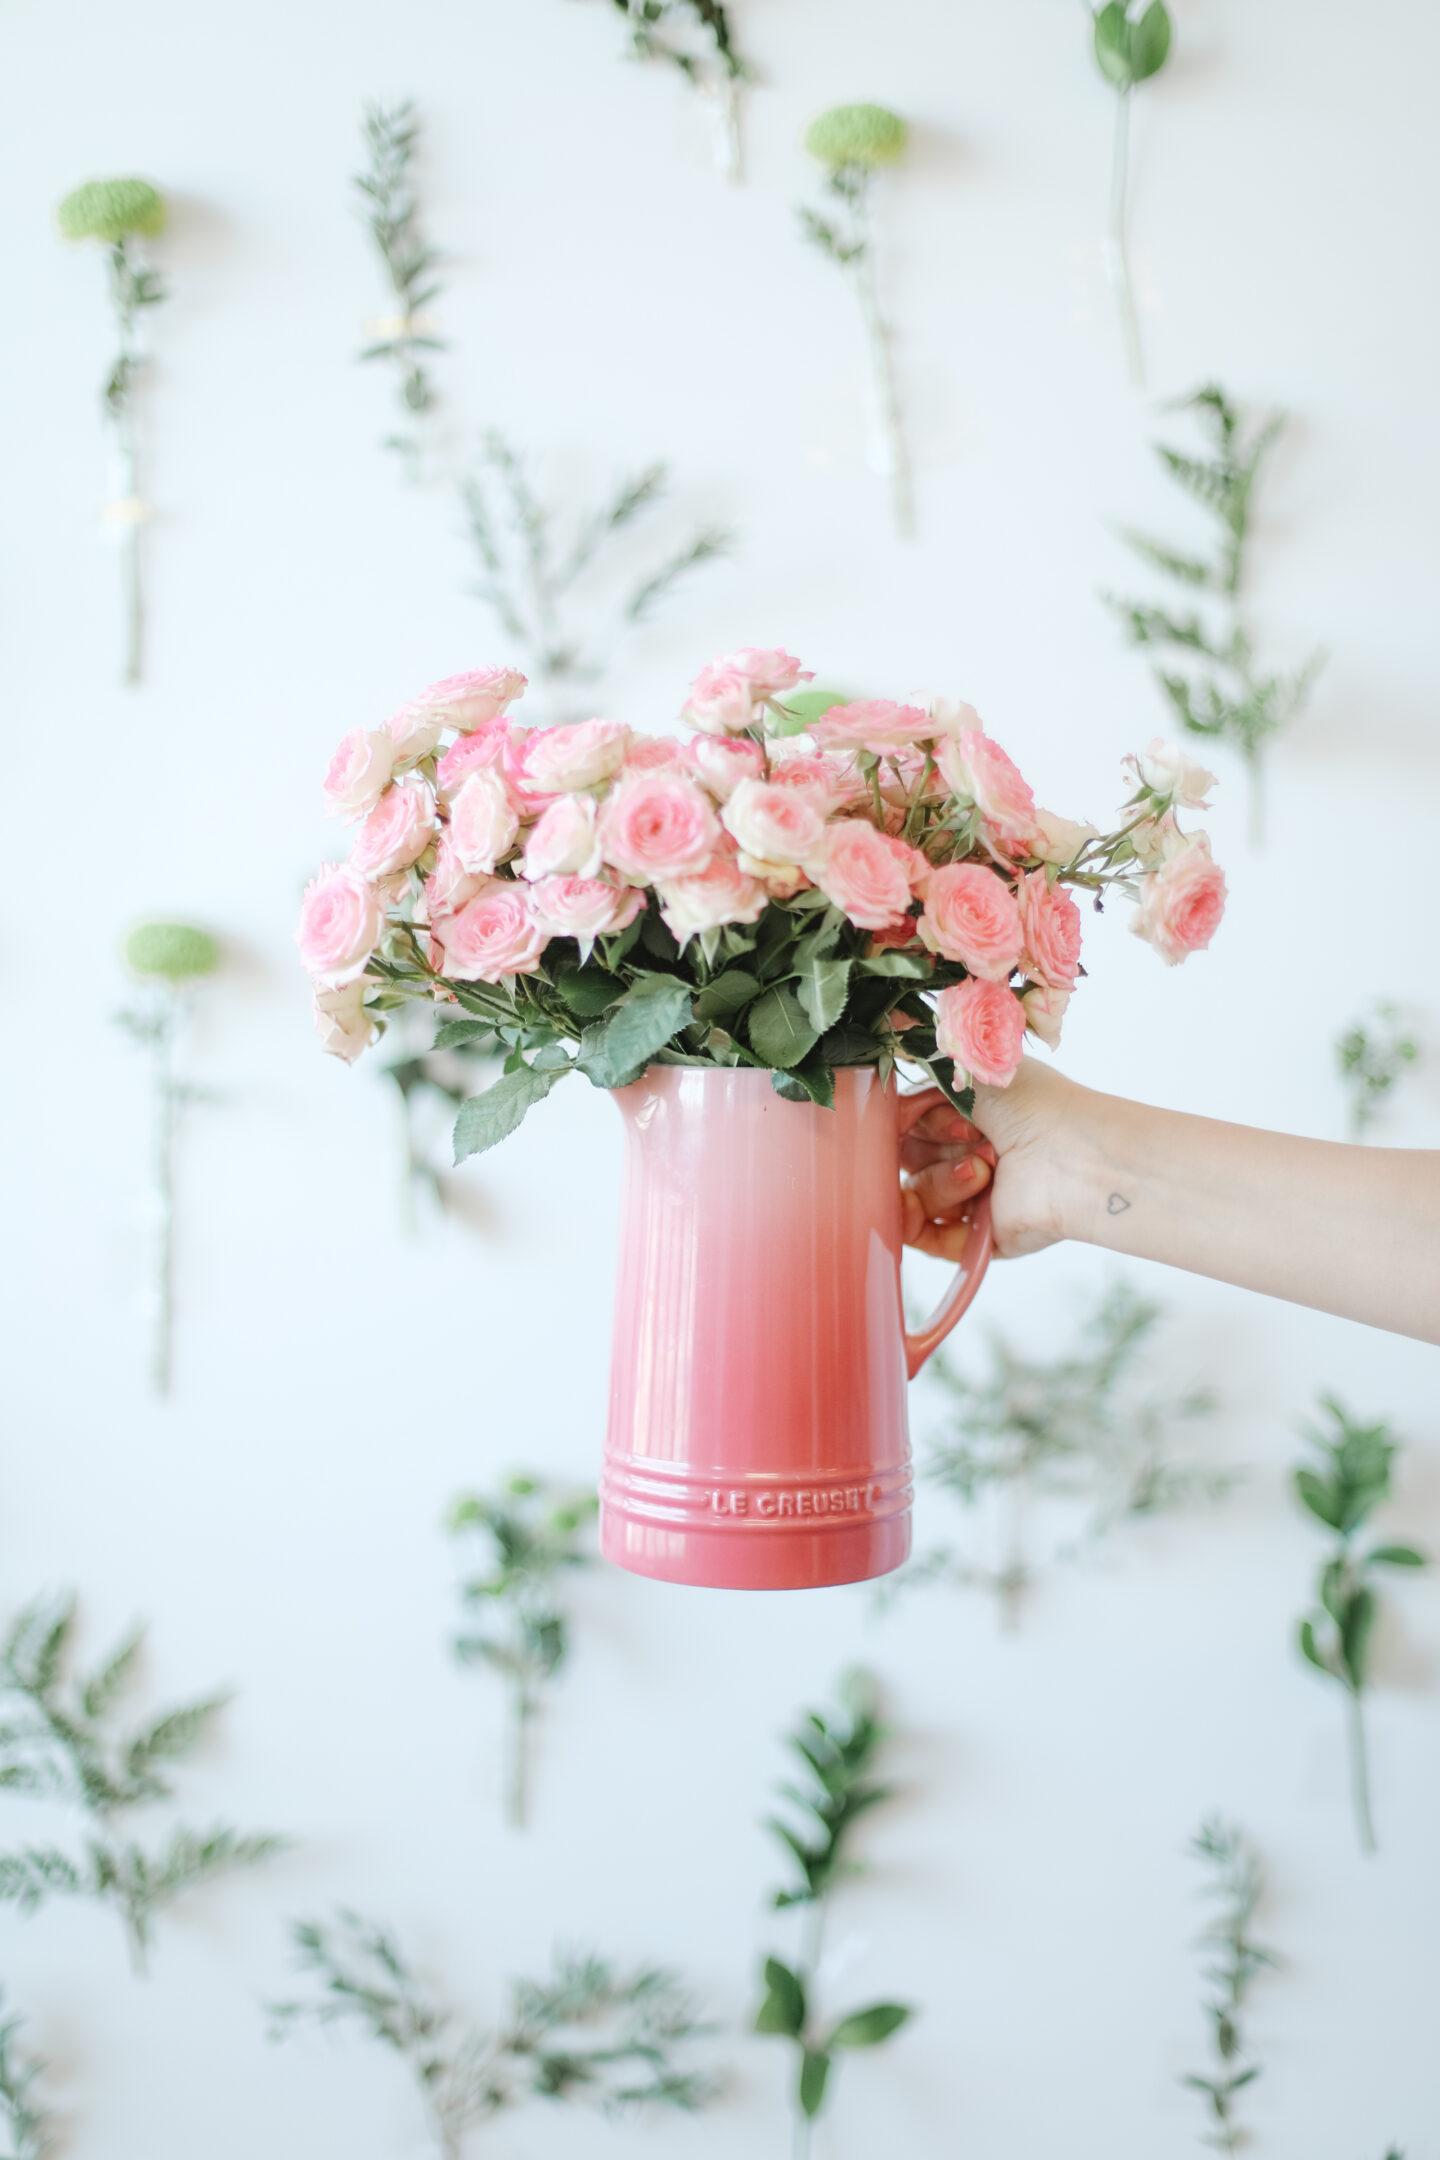 Spring Floral Wall Decor Idea